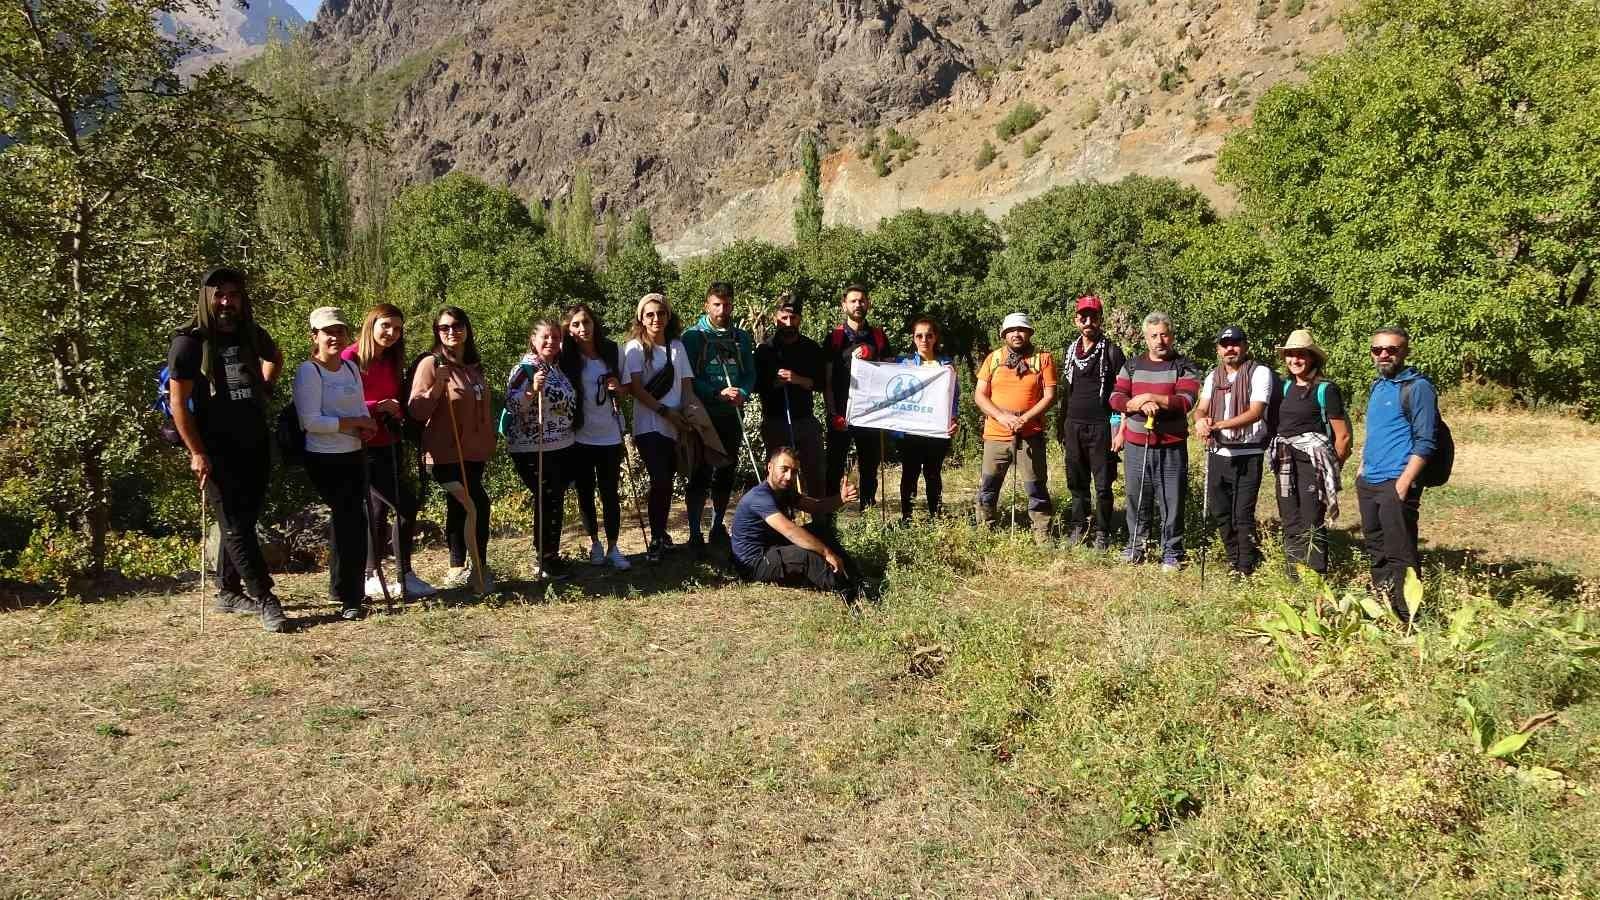 Yüksek rakımlı dağlarda doğa yürüyüşü yaptılar #hakkari